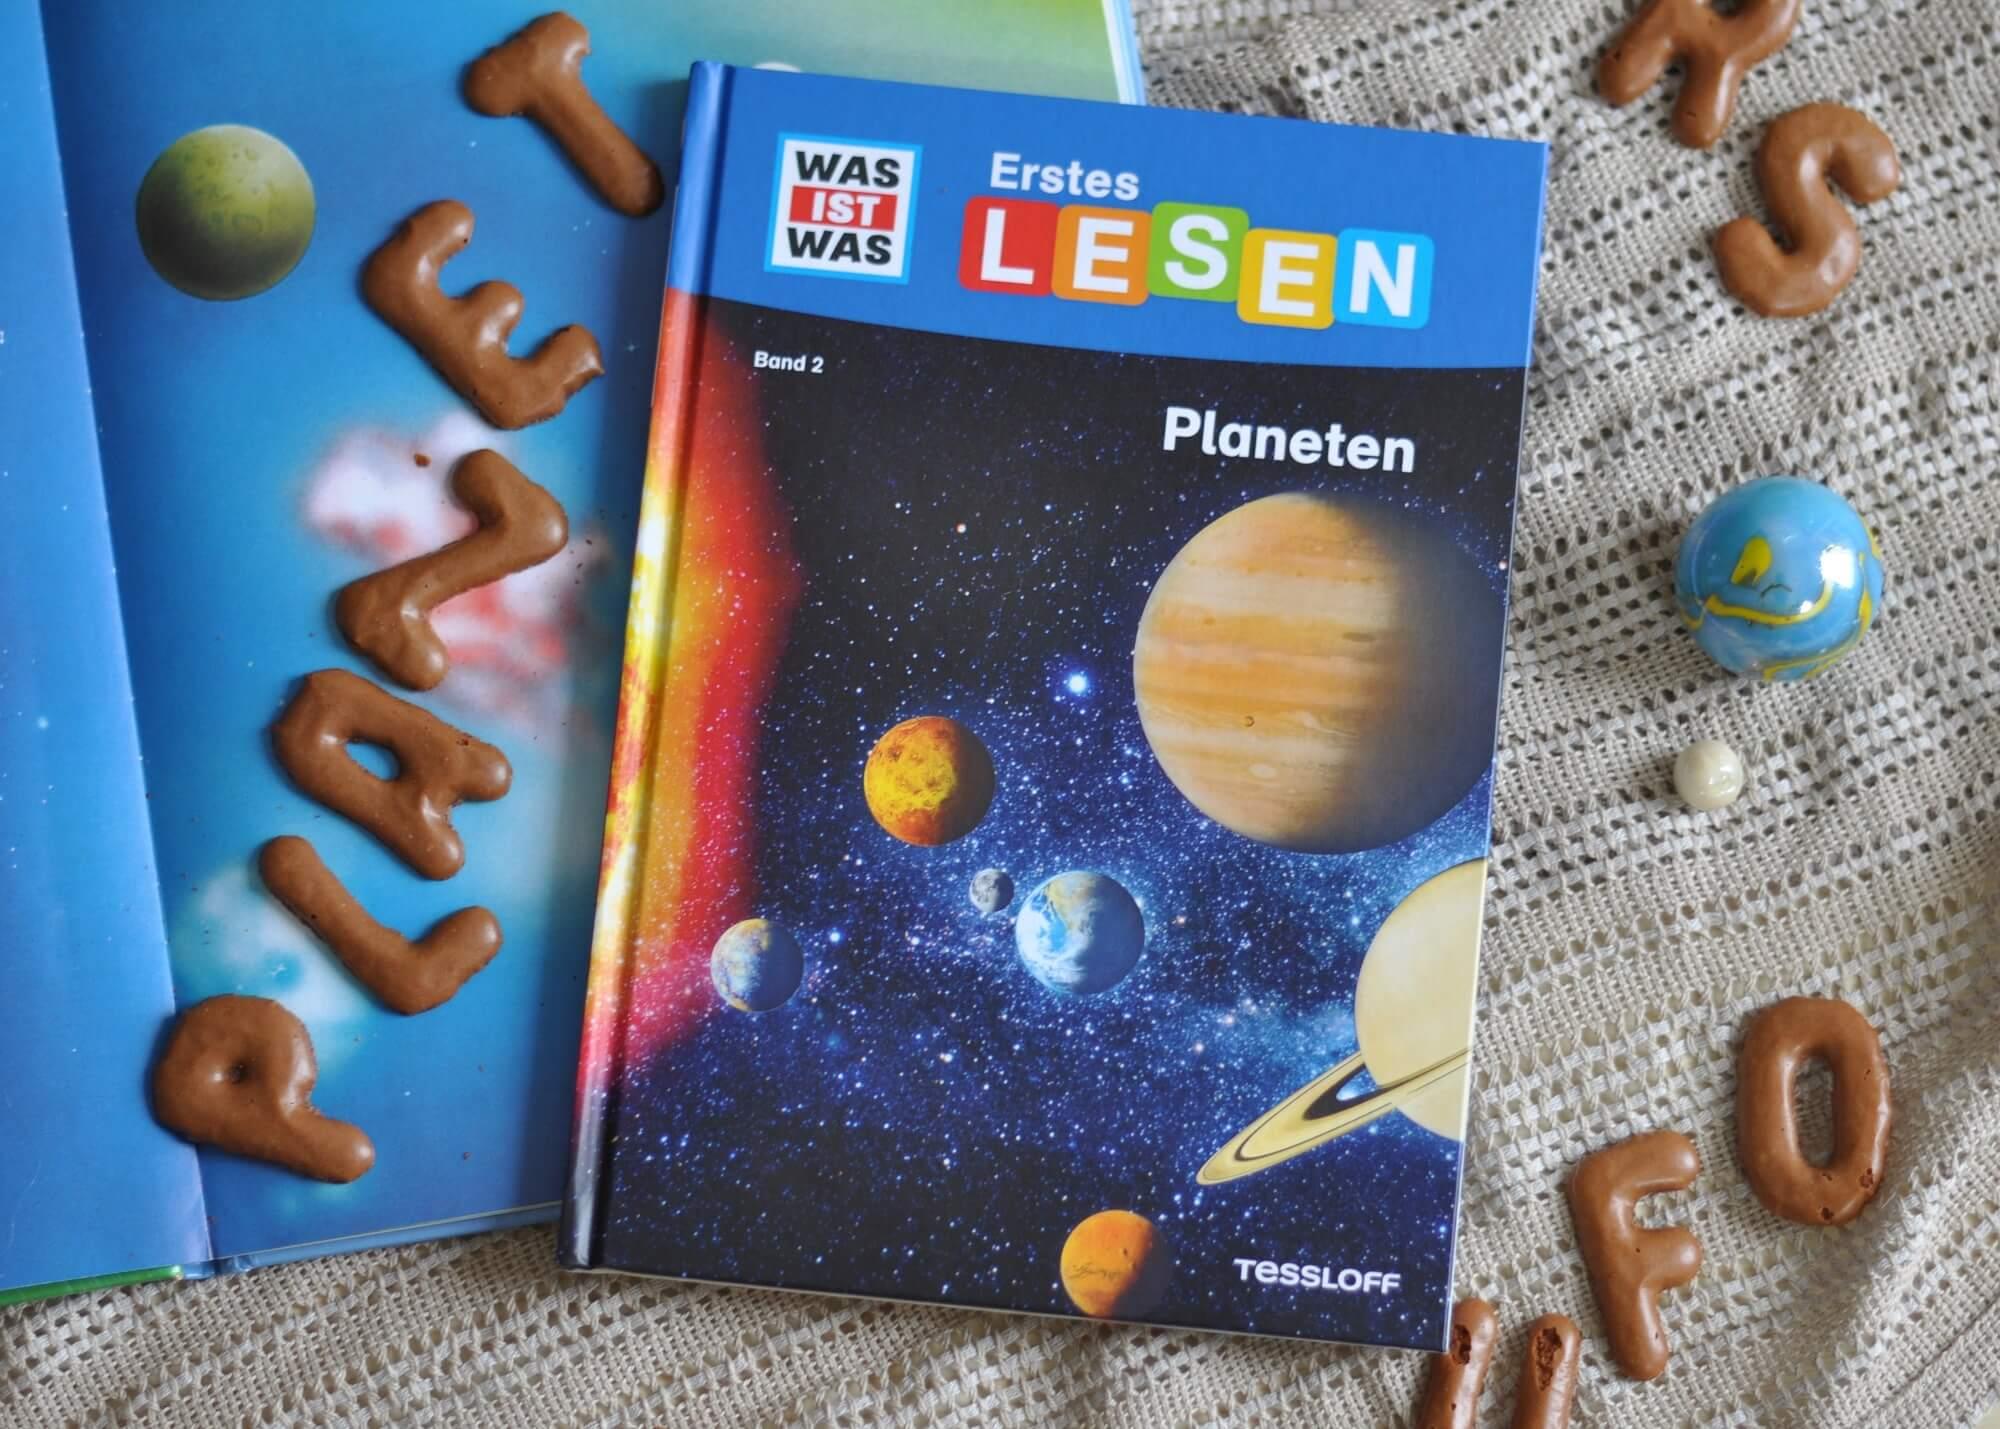 WAS IST WAS Erstes Lesen ist eine Sachbuch-Reihe für Grundschulkids. In Band 2: Planeten können Leseanfänger sich selbst rund um unser Sonnensystem schlau machen. #planeten #wasistwas #kinderbuch #sachbuch #leseanfänger #grundschule #sonnensystem